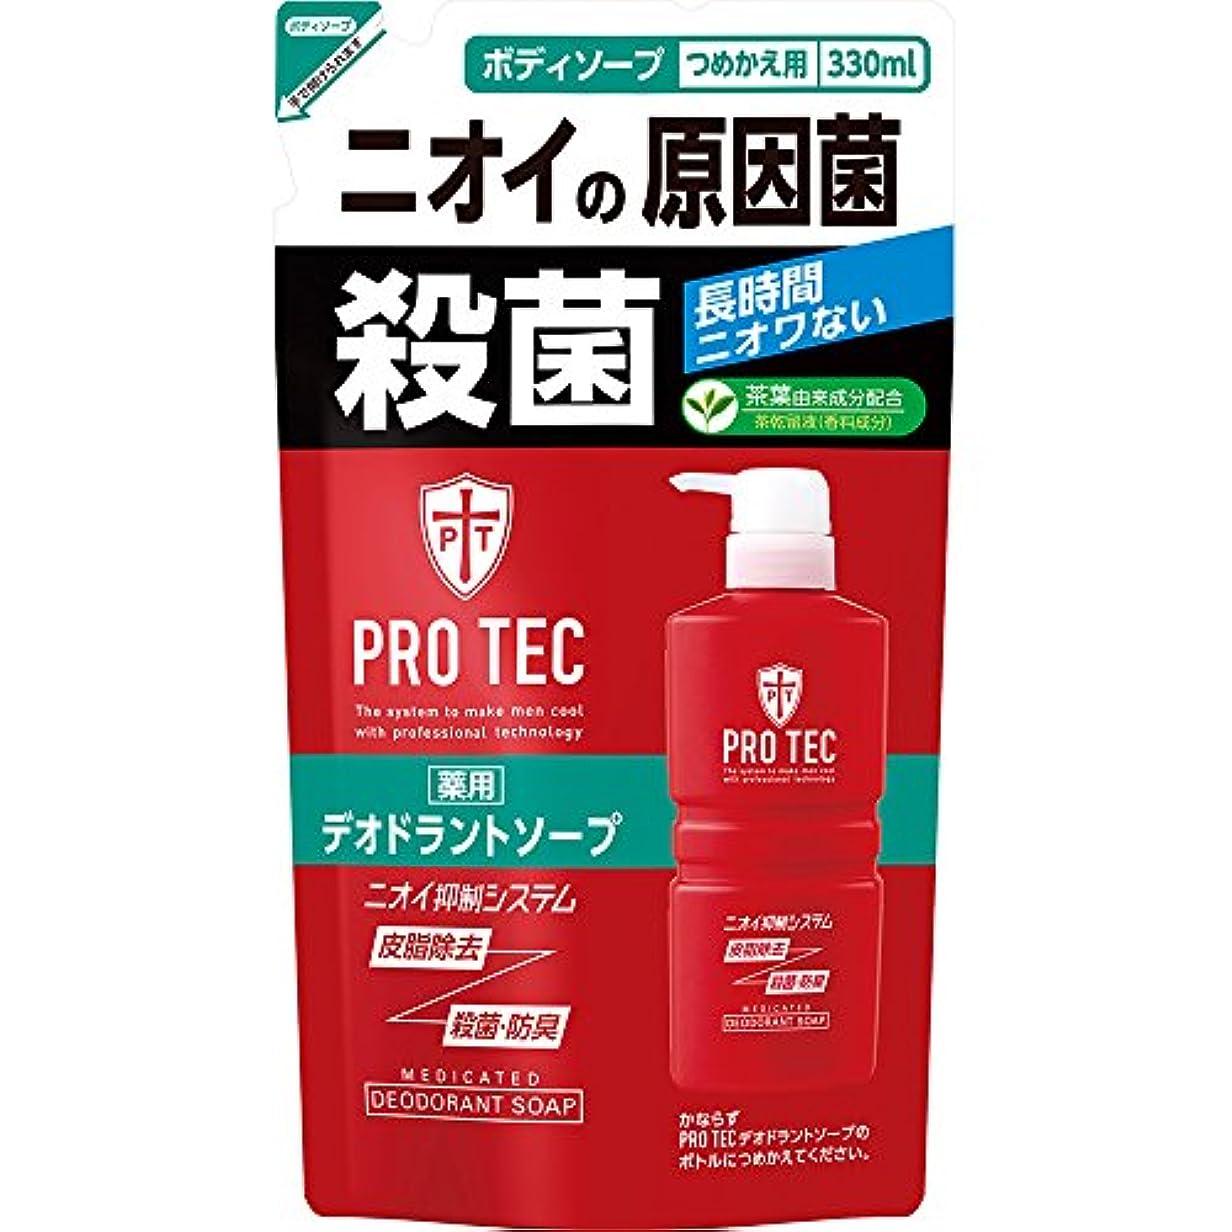 うがい薬パイル三角形PRO TEC(プロテク) デオドラントソープ つめかえ用330ml×1個(医薬部外品)